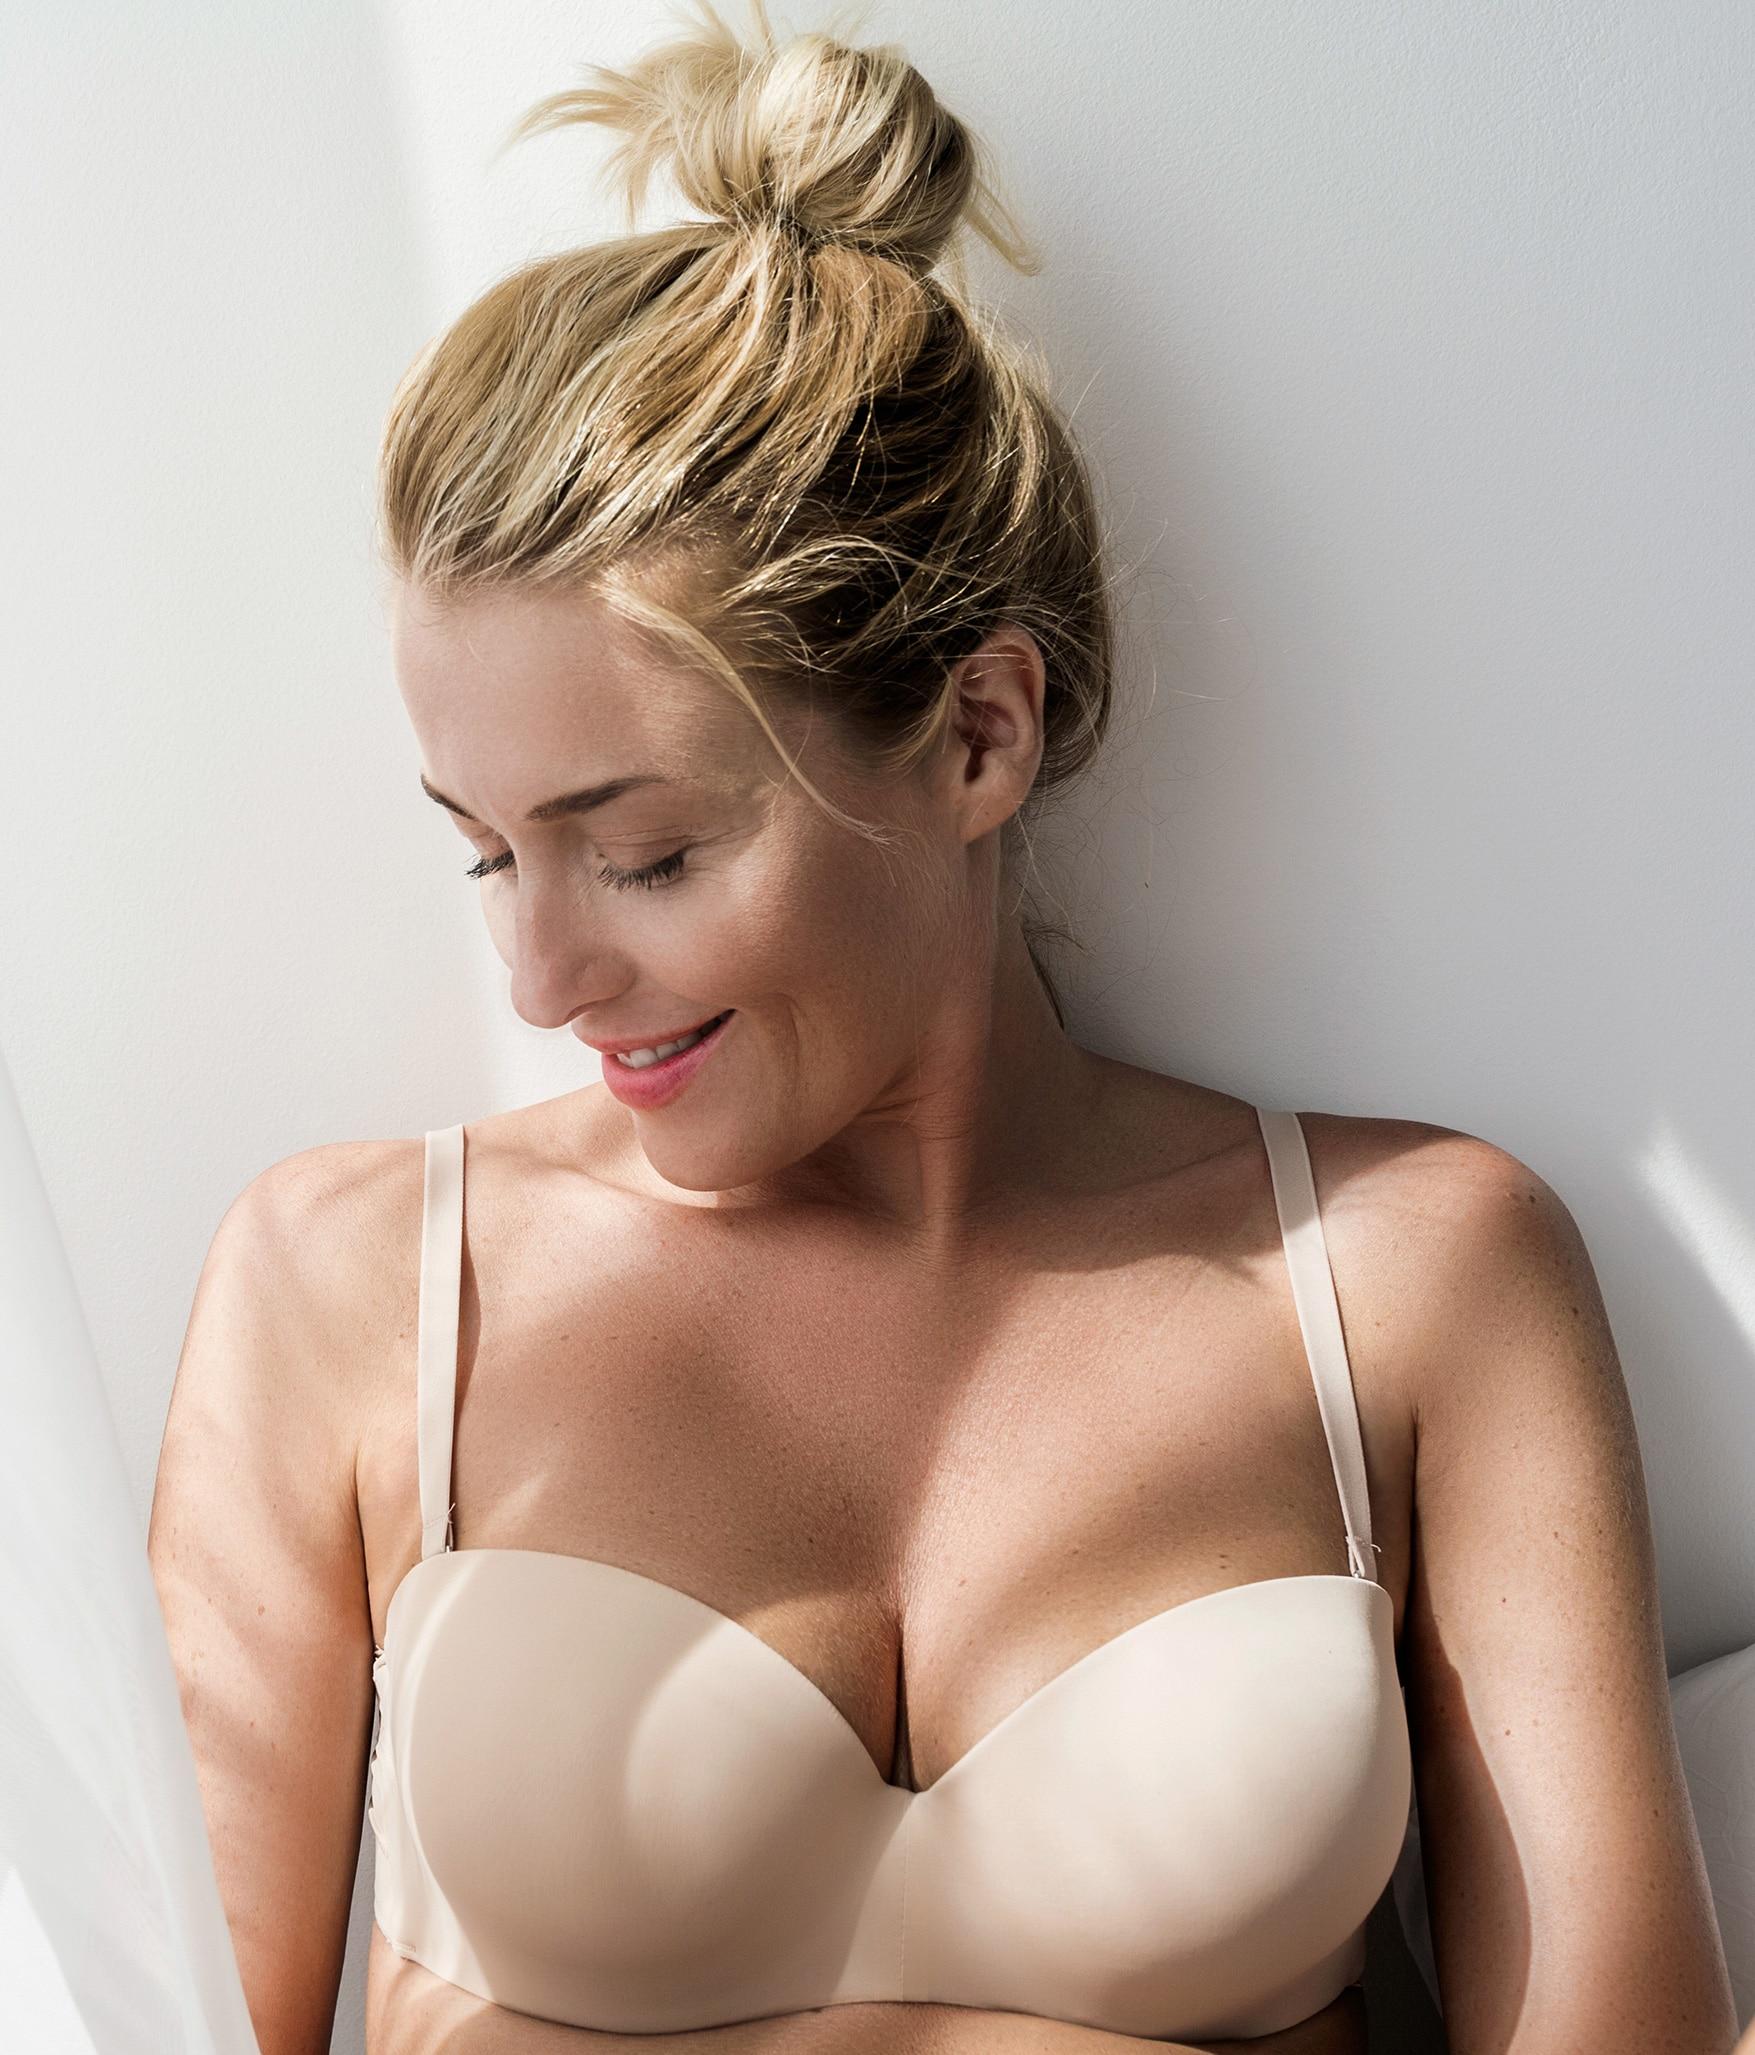 5 Tipps zur Nachsorge nach einer Brust-OP. Genießen Sie Ihr neues Lebensgefühl!